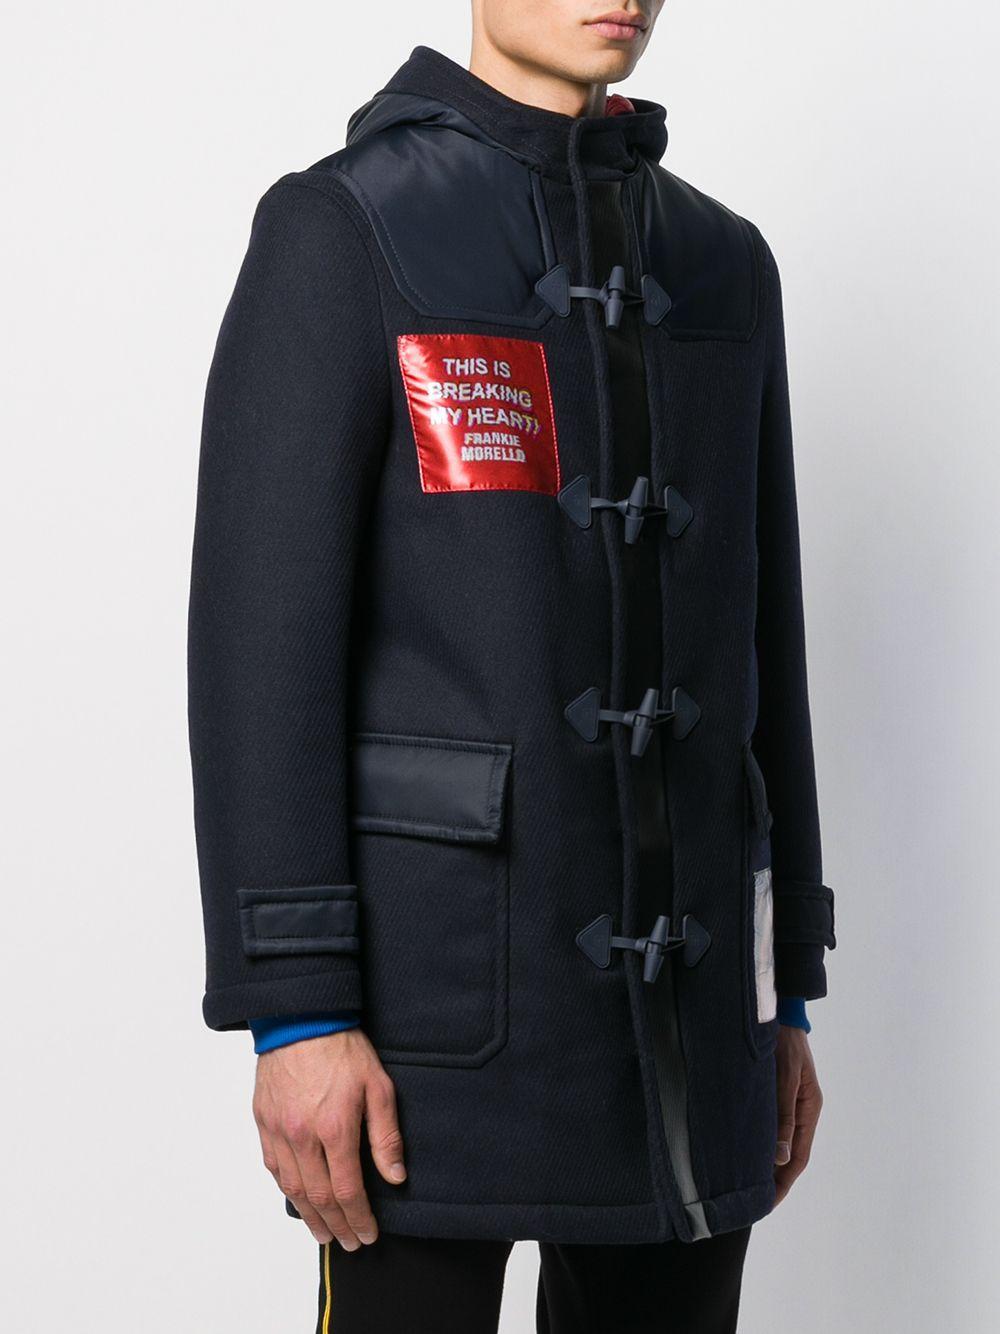 Frankie Morello Synthetisch Montgomery Duffle Coat in het Blauw voor heren